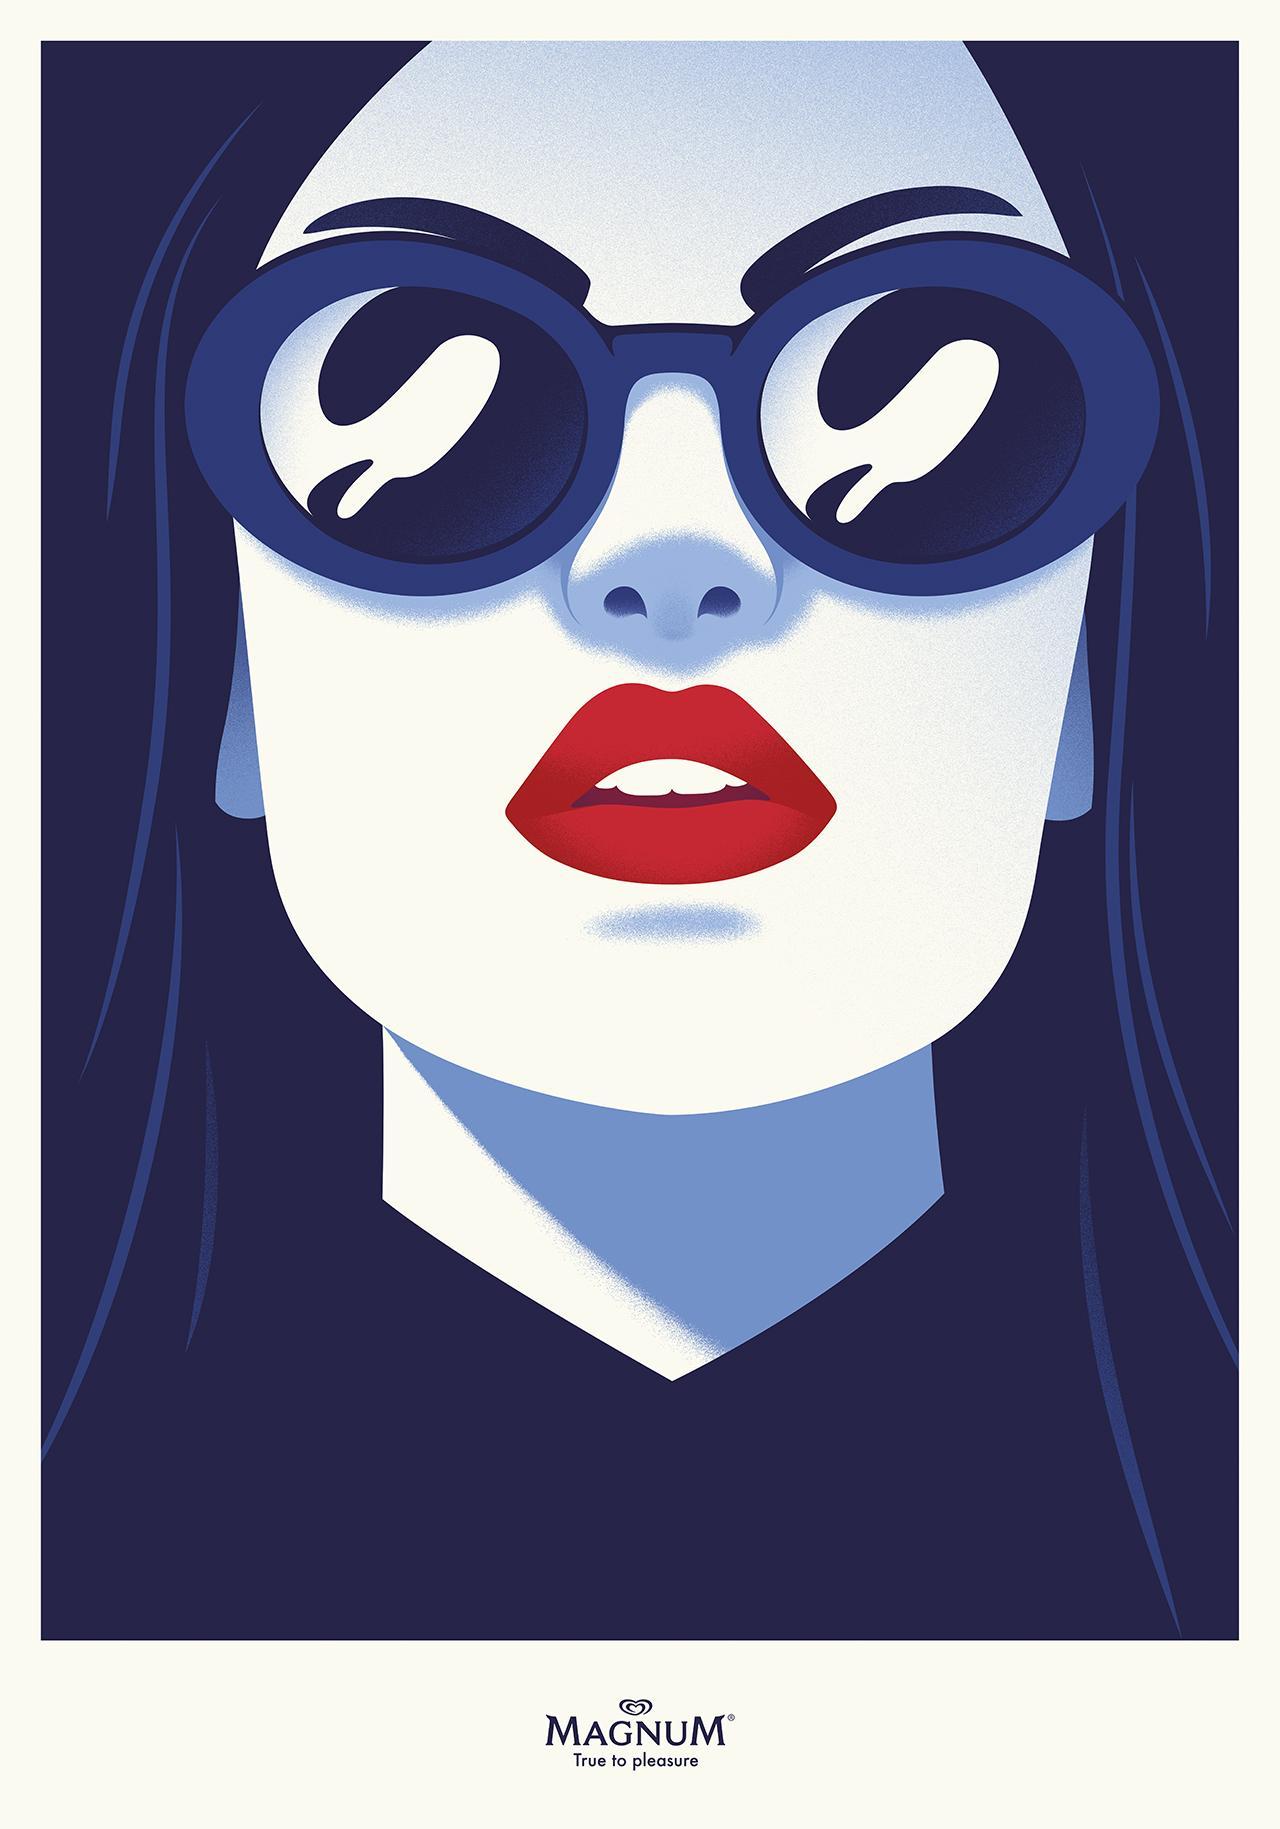 Magnum Outdoor Ad - Pleasure Icon, Sunglasses